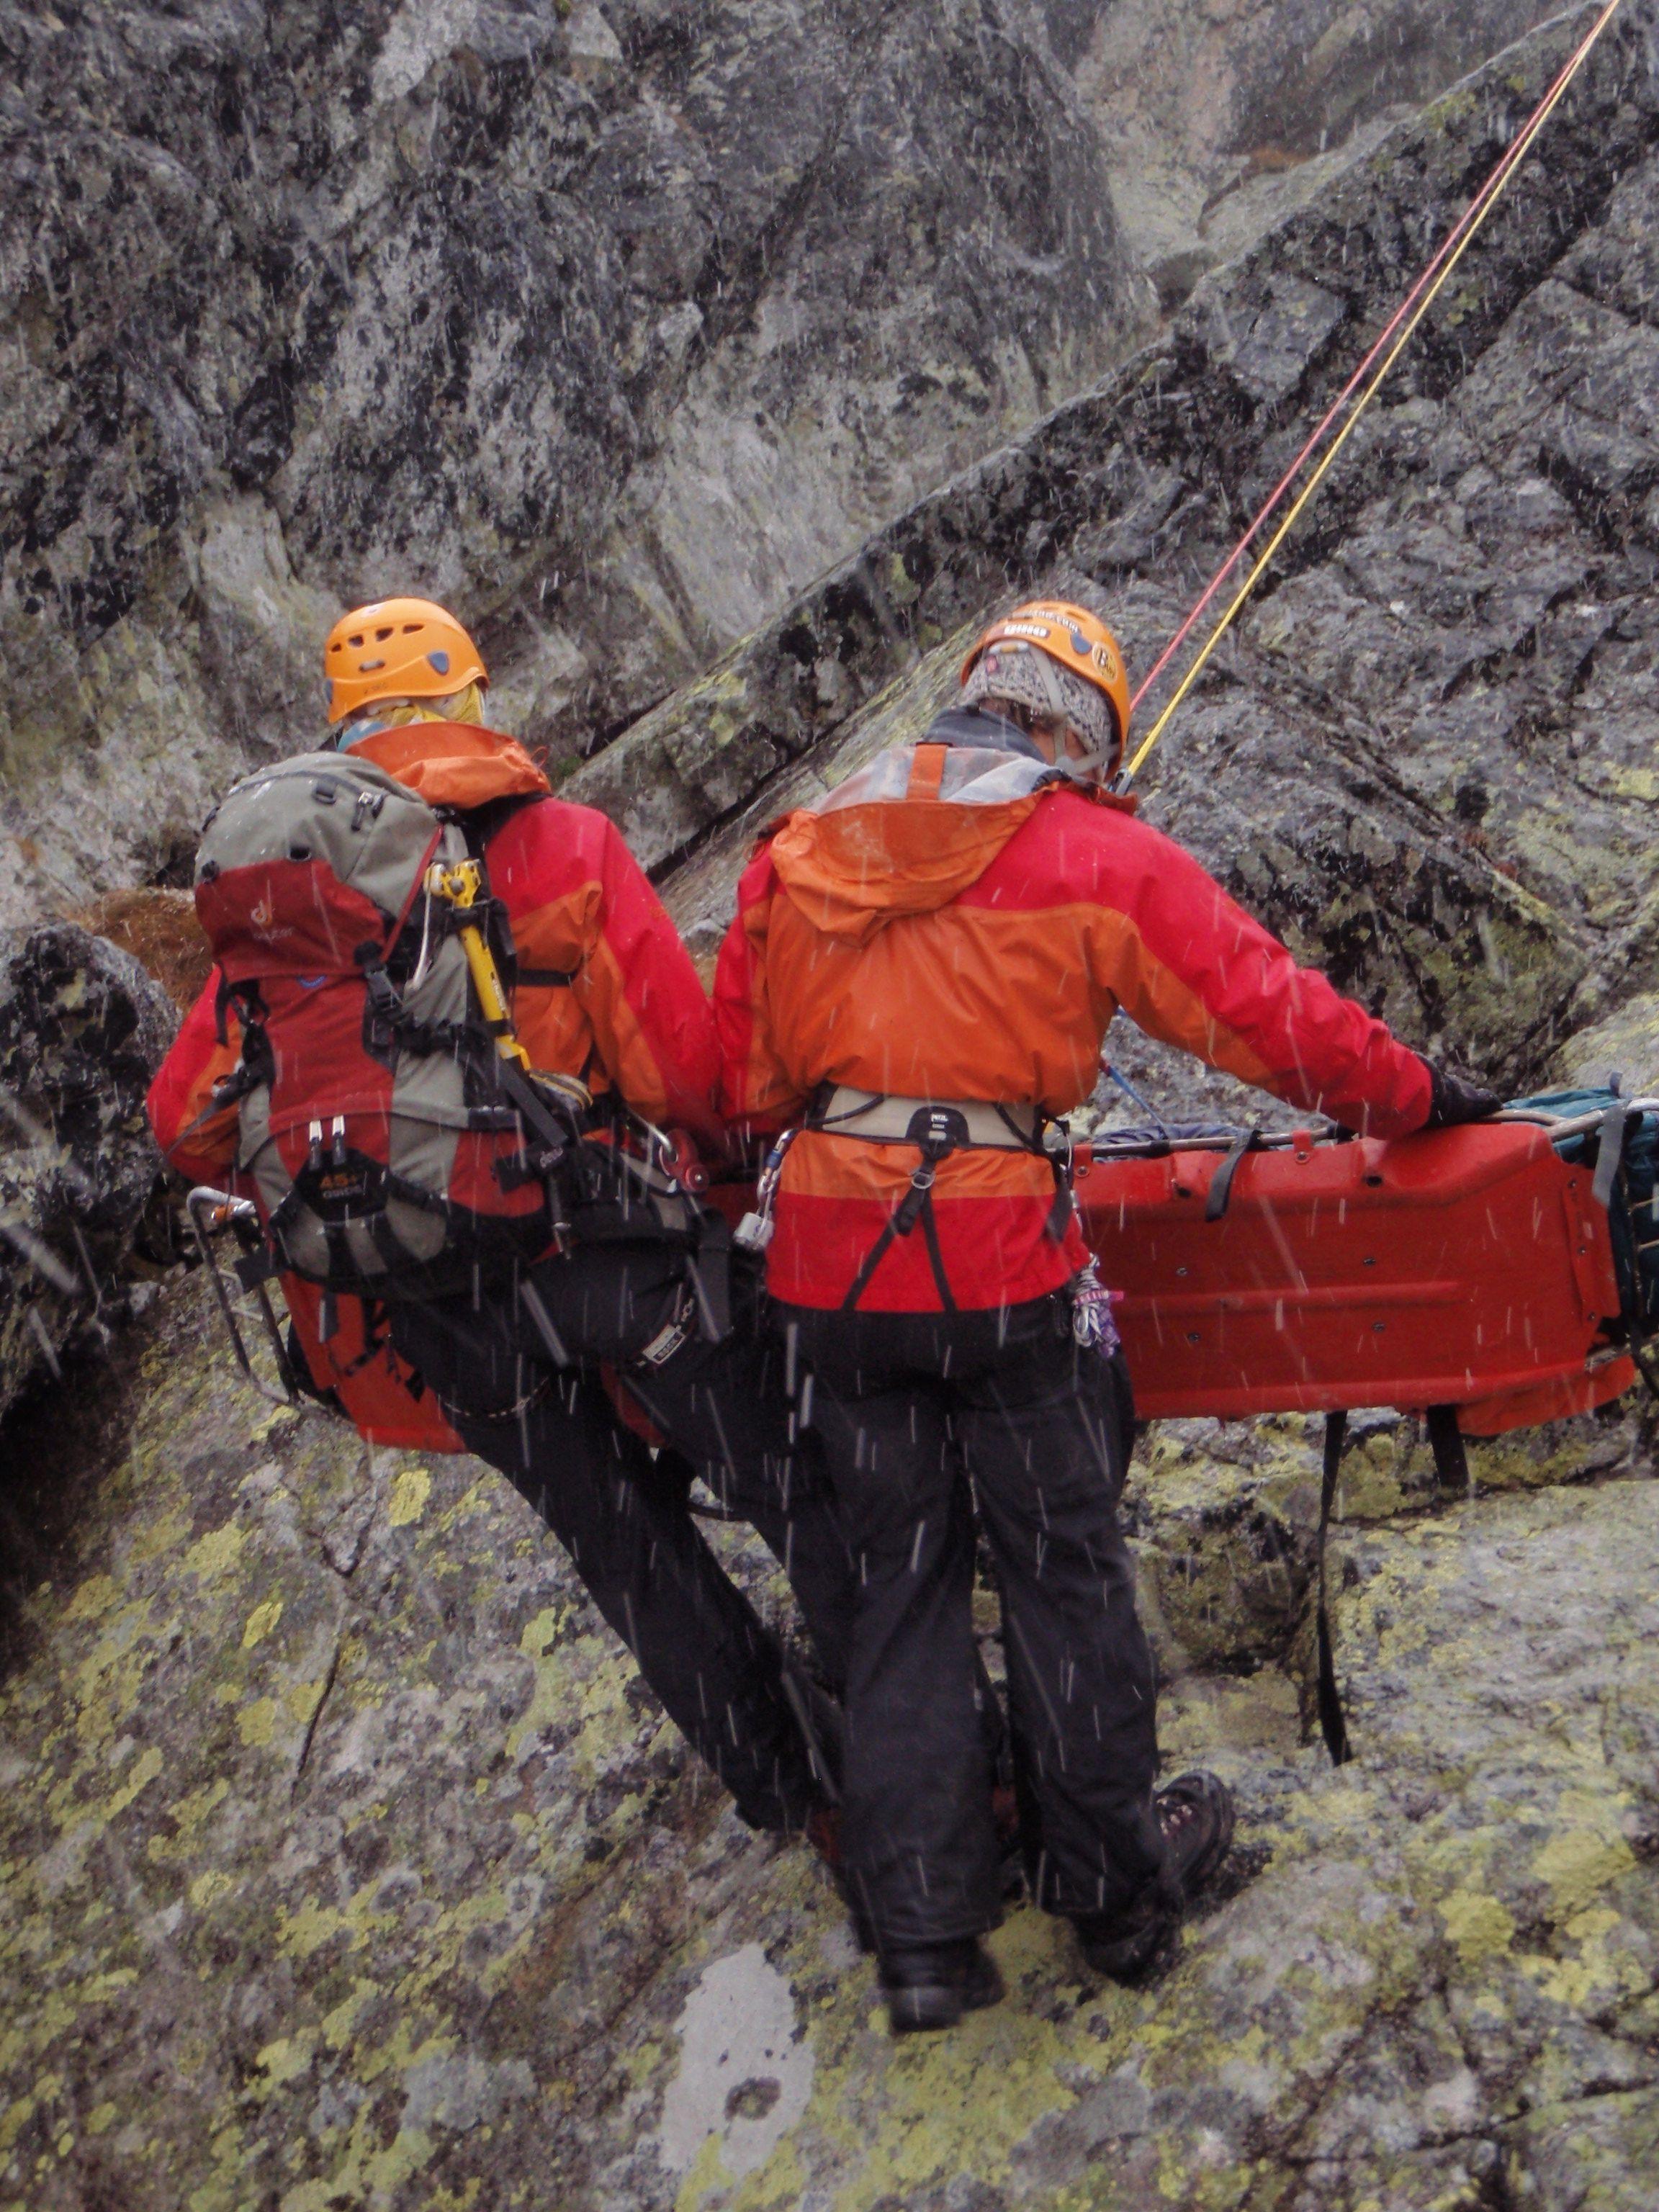 Náčelník Horskej záchrannej služby: V Tatrách môže ísť o veľa, netreba nič podceňovať, ale pripraviť sa. Potom si ich užijete.